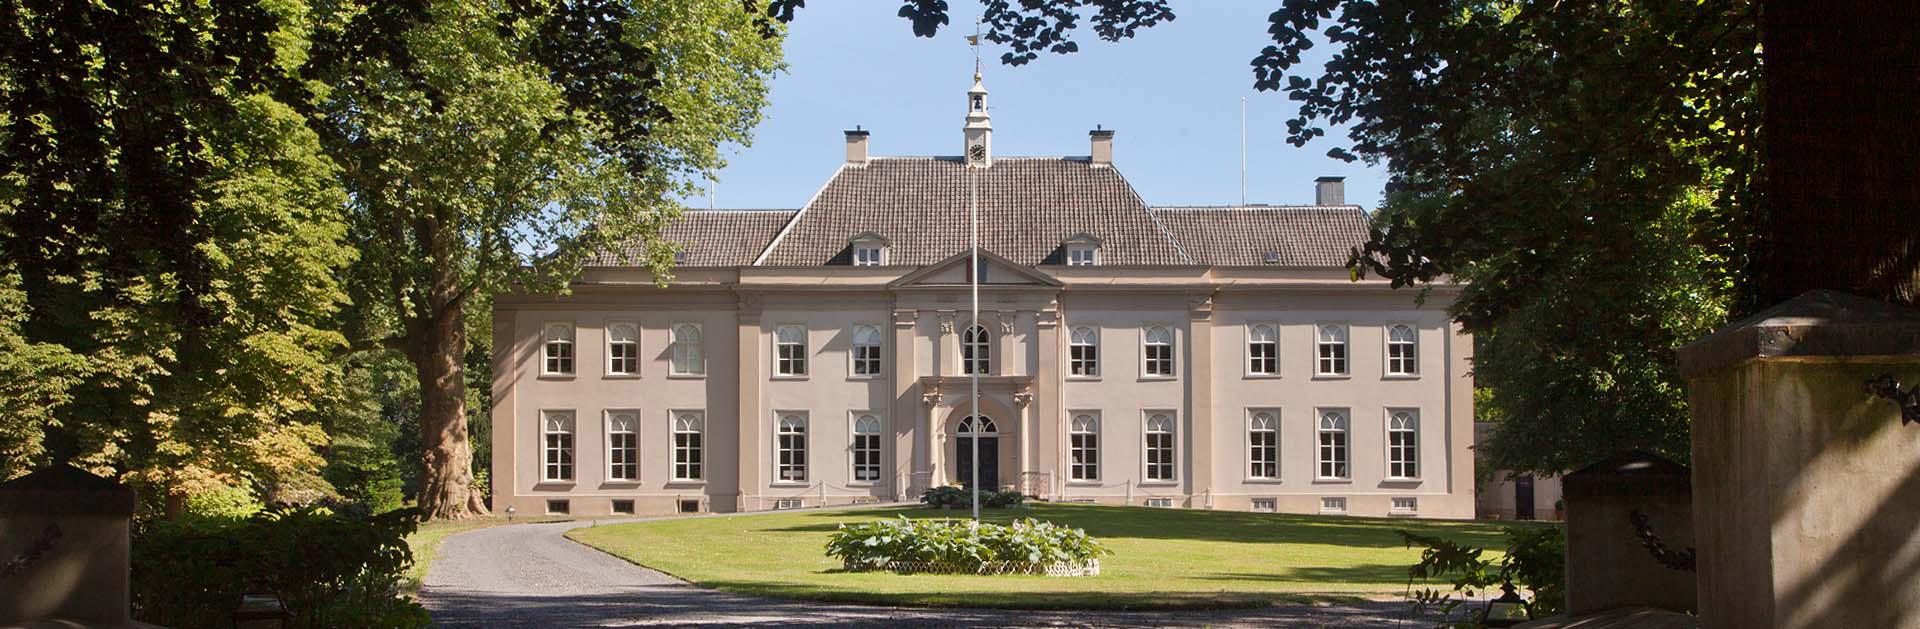 Huis Landfort - Gendringen Regio Achterhoek - Liemers